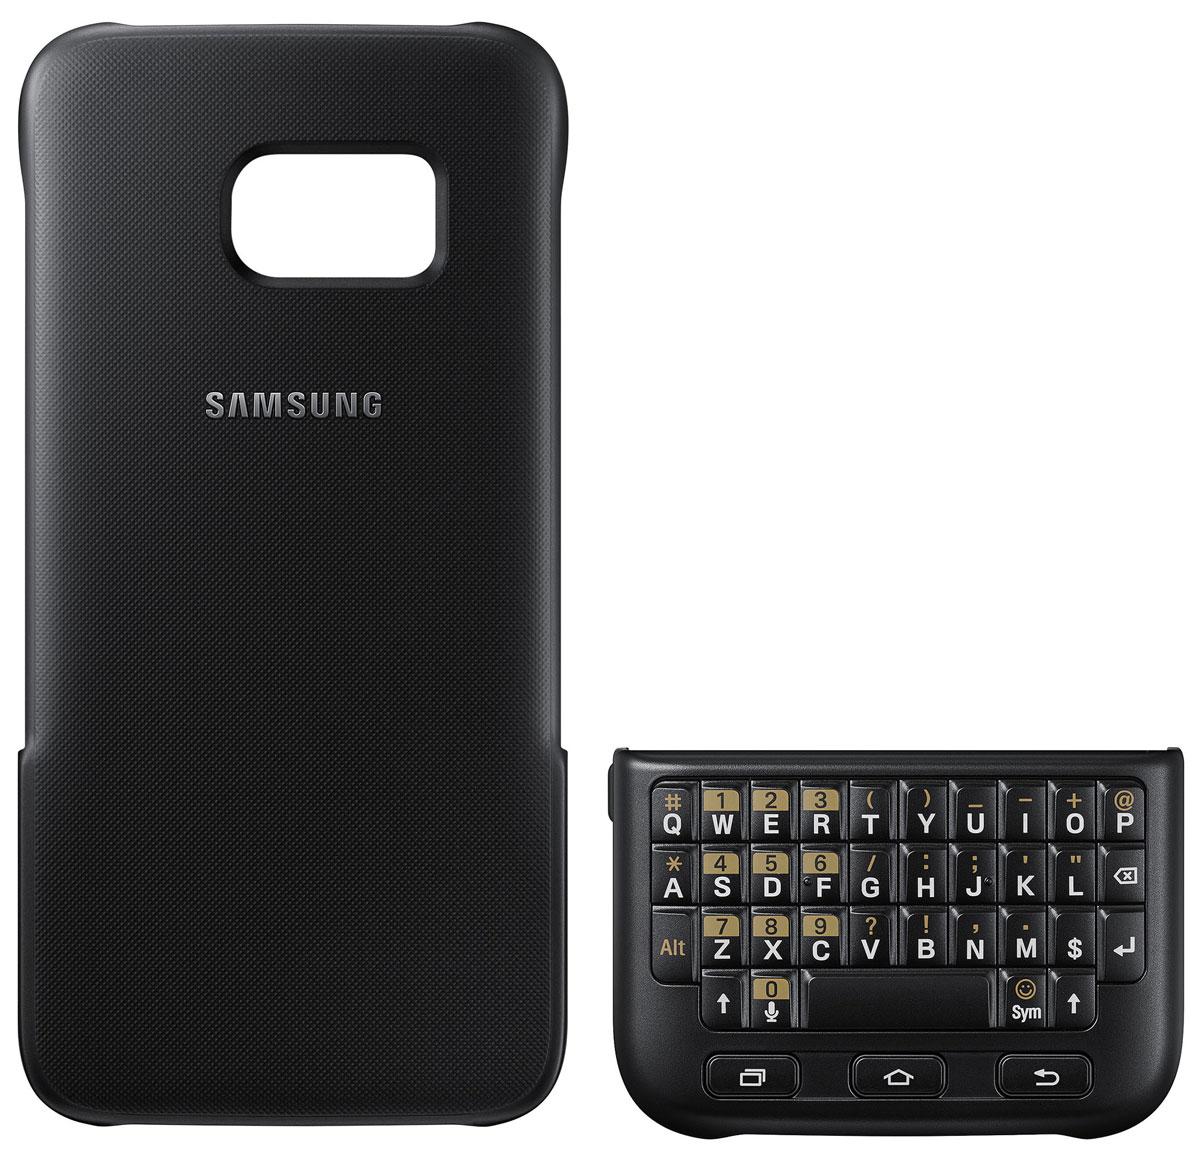 Samsung EJ-CG930 Keyboard Cover чехол-клавиатура для Galaxy S7, BlackEJ-CG930UBEGRUЧехол-клавиатура Samsung EJ-CG930 Keyboard Cover разработан специально для модели смартфона Galaxy S7. С его помощью набирать текст сообщений, создавать и сохранять заметки быстрее и проще. Накладная клавиатура работает по механическому принципу – она не тратит проценты заряда вашего смартфона и не требует дополнительных подключений. Клавишный блок можно разместить поверх экрана – смартфон автоматически распознает его и адаптирует интерфейс к новому размеру дисплея. Чехол также выполняет защитную функцию – предохраняет смартфон от пыли и повреждений. Модель совместима с ОС Android 4.4 или выше.